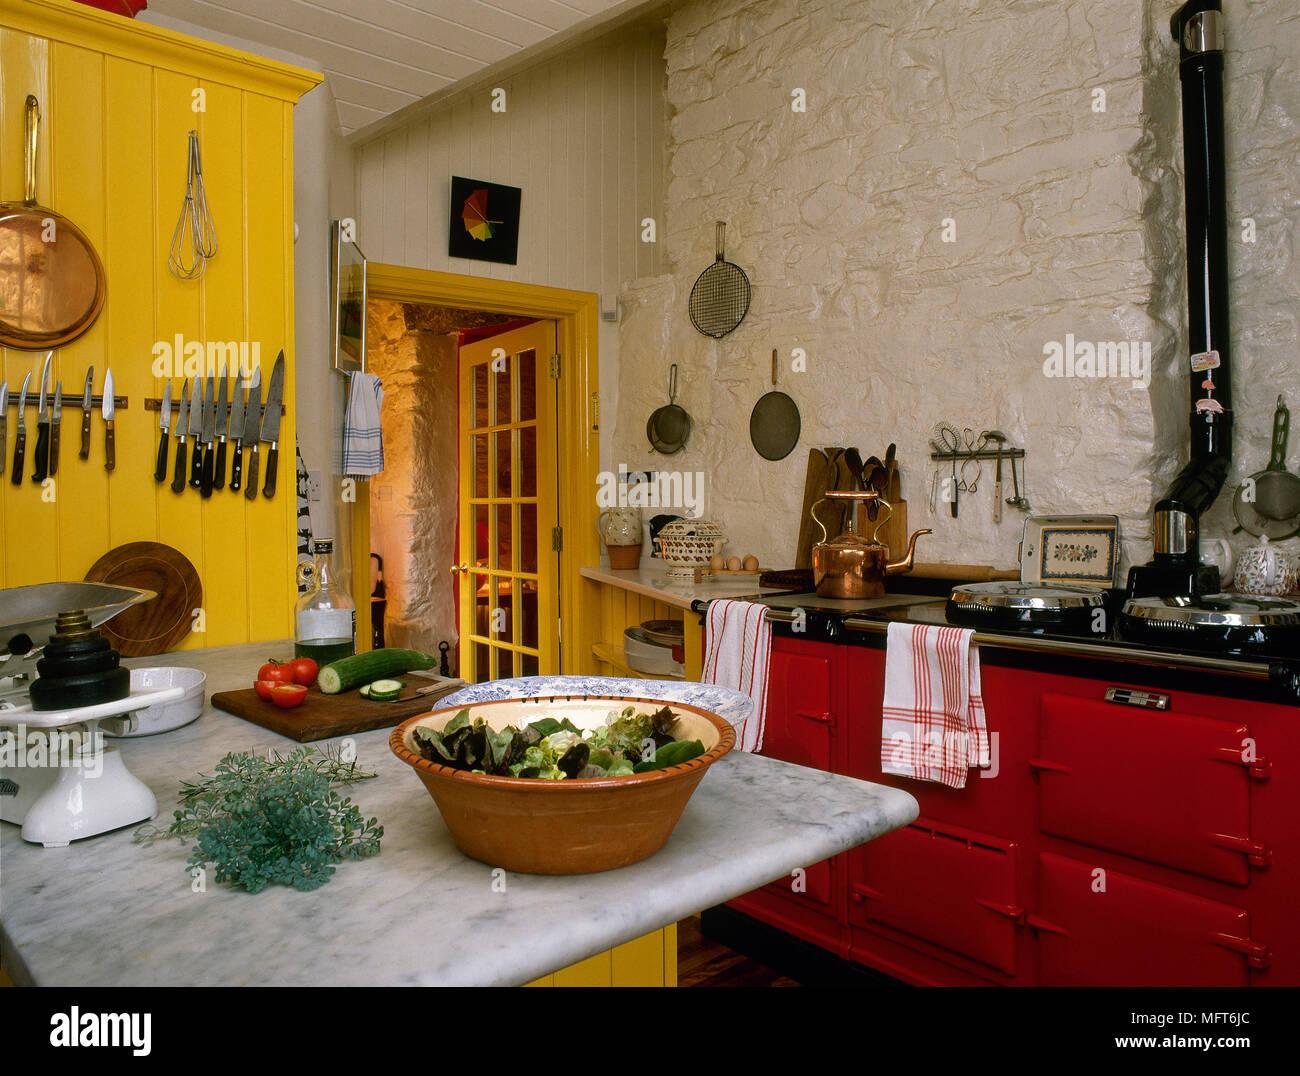 Ziemlich Landküche Inseln Bilder - Ideen Für Die Küche Dekoration ...